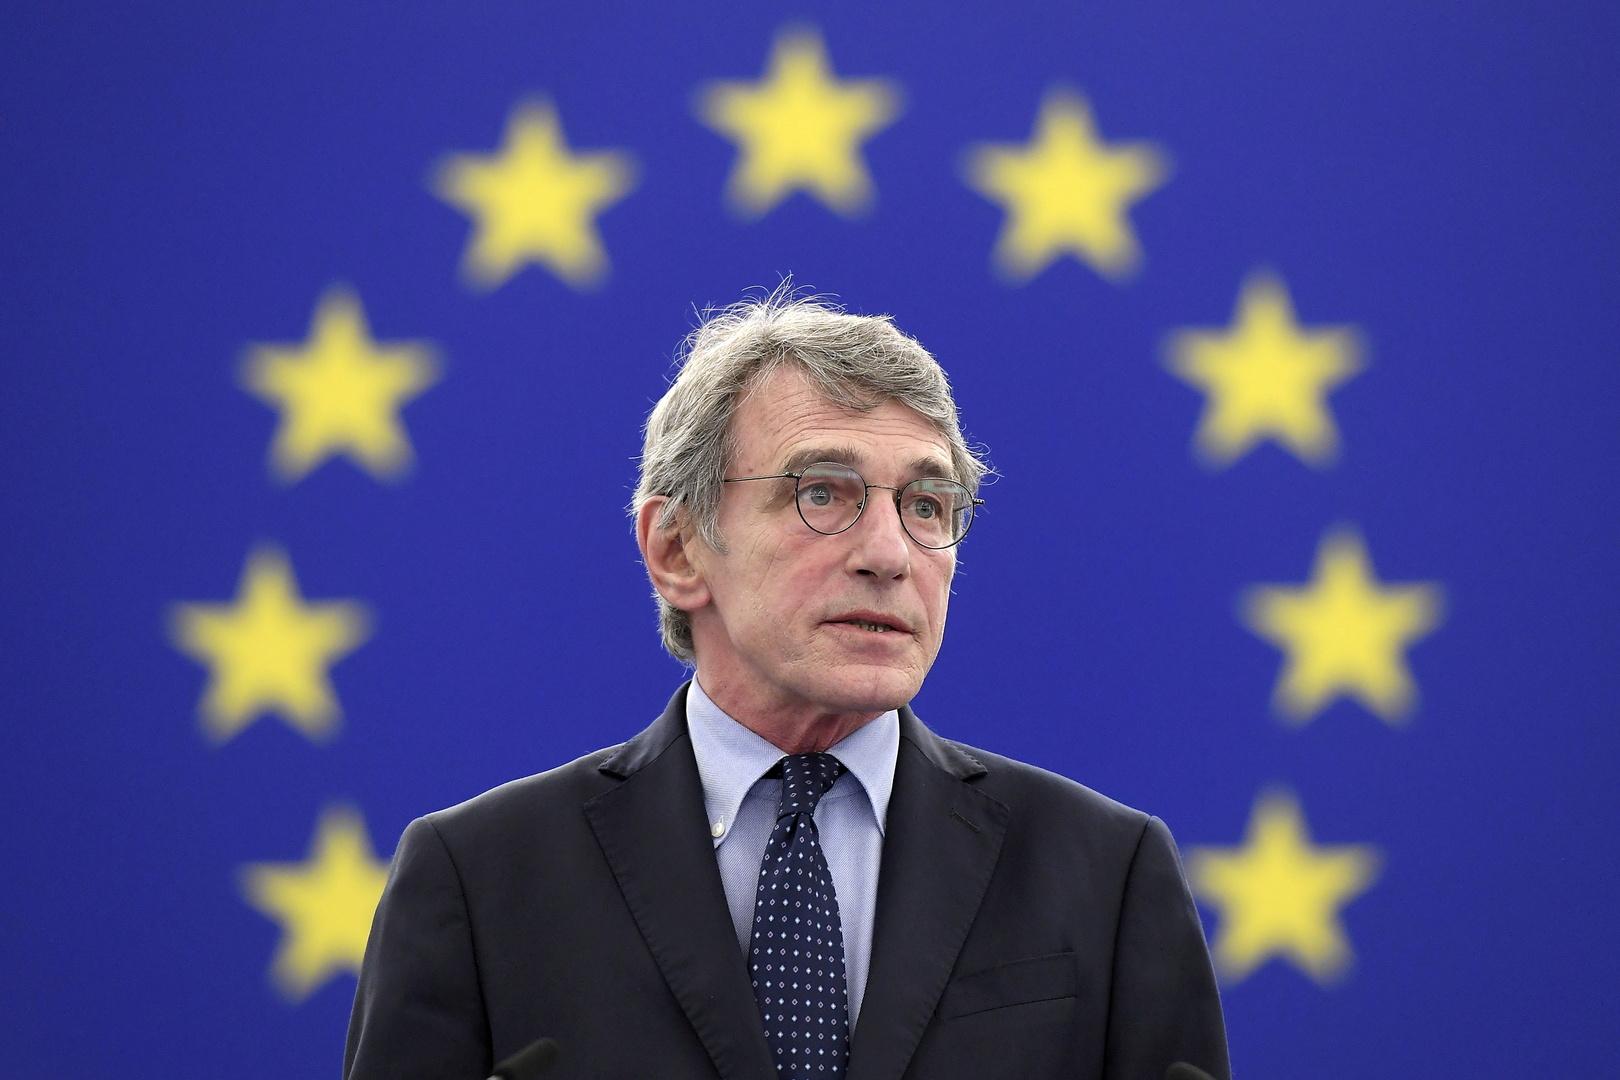 البرلمان الأوروبي: دول الاتحاد لم تتحلّ بالشجاعة اللازمة لإيواء اللاجئين الأفغان